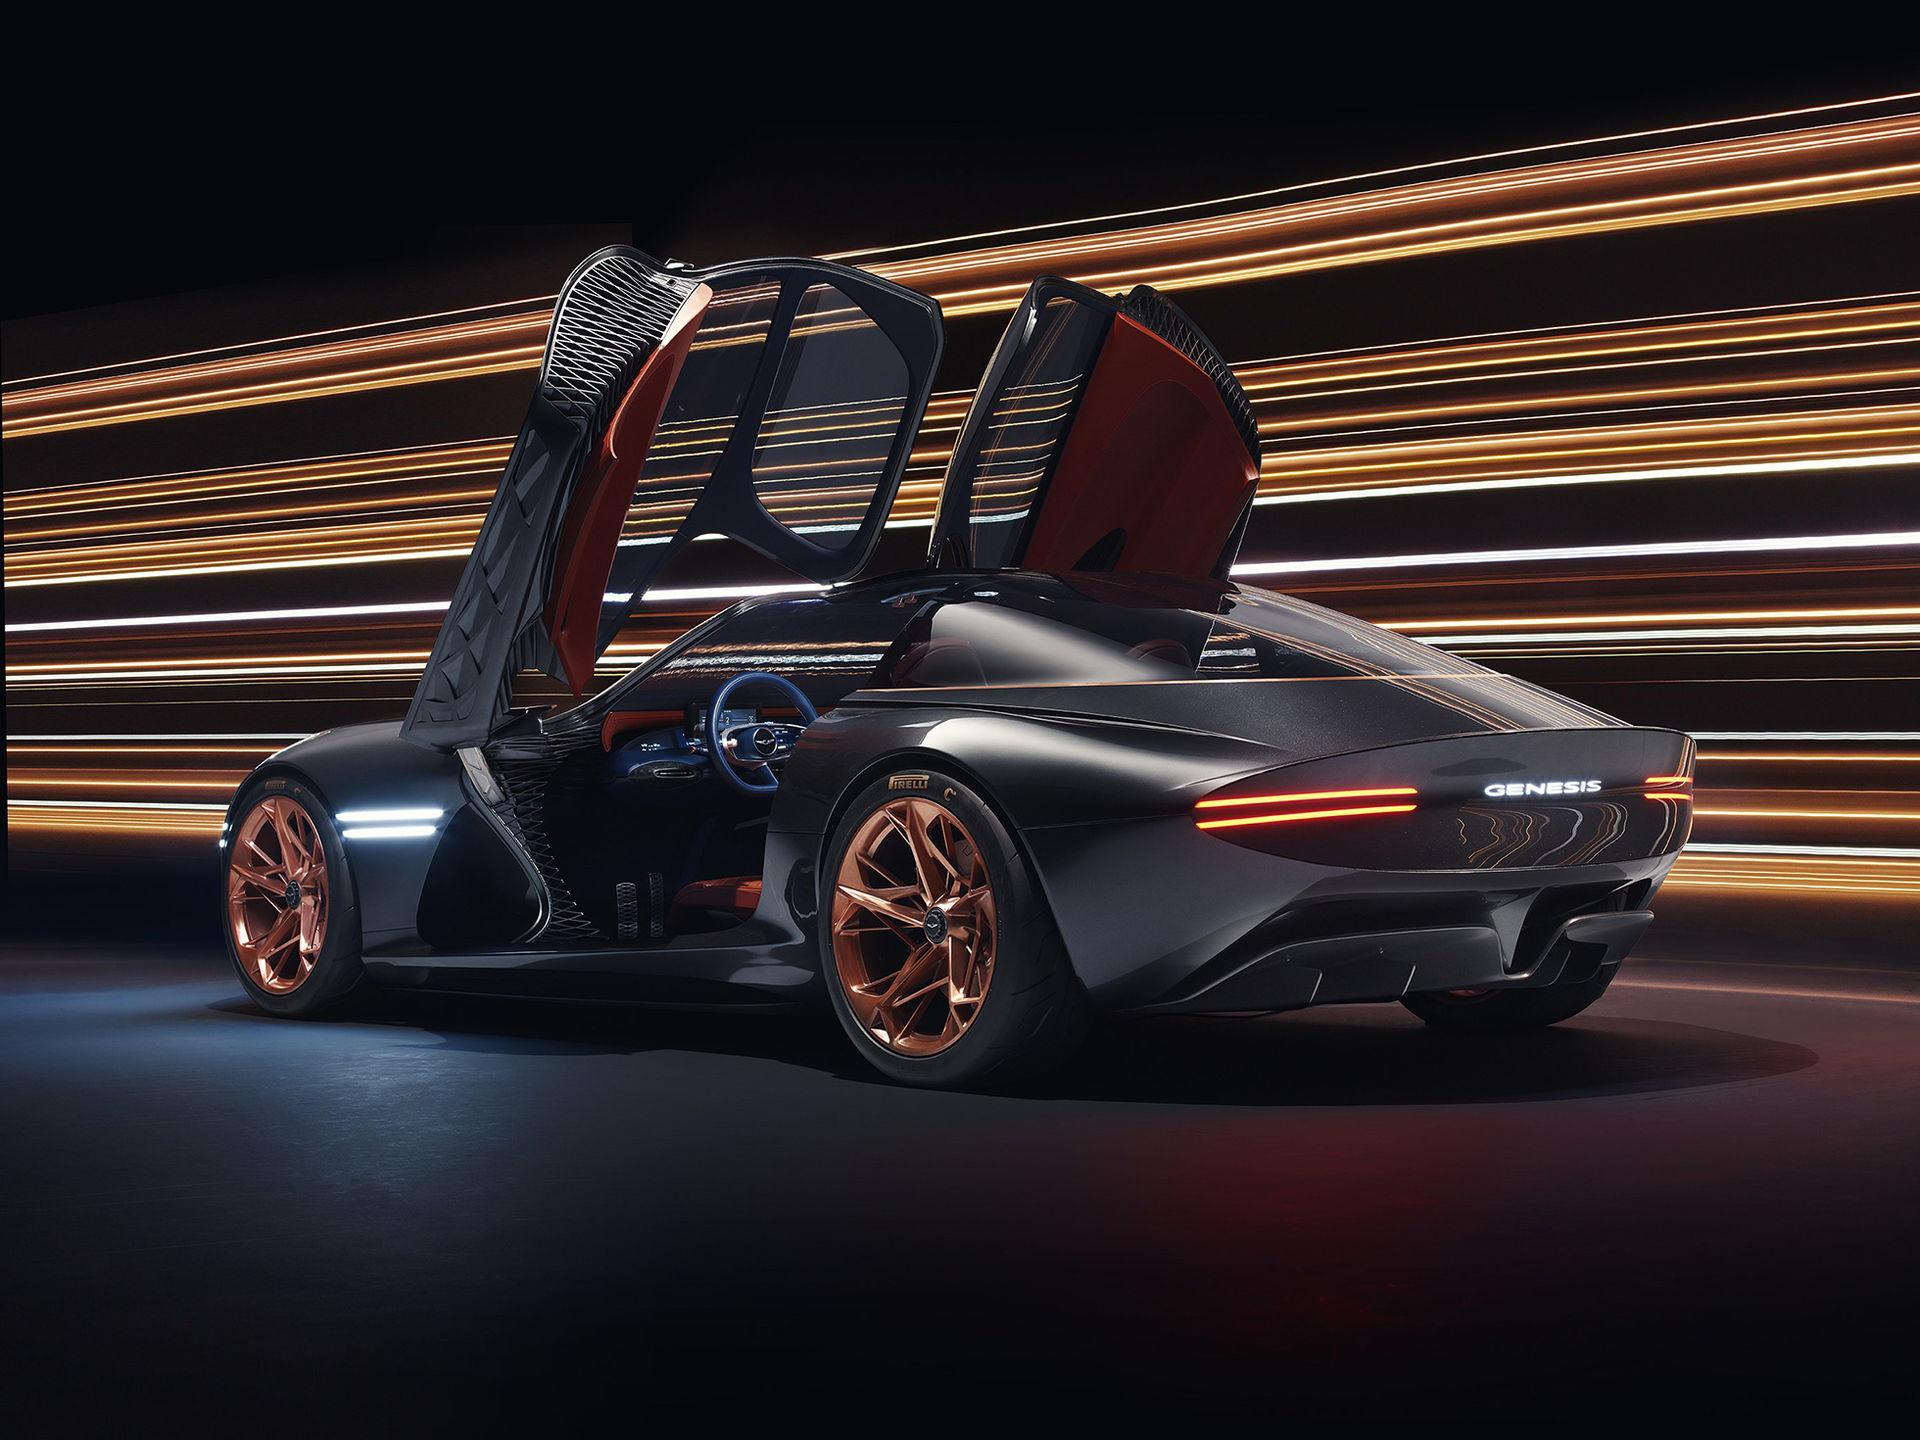 Nästa år visar Hyundai eldriven superbil